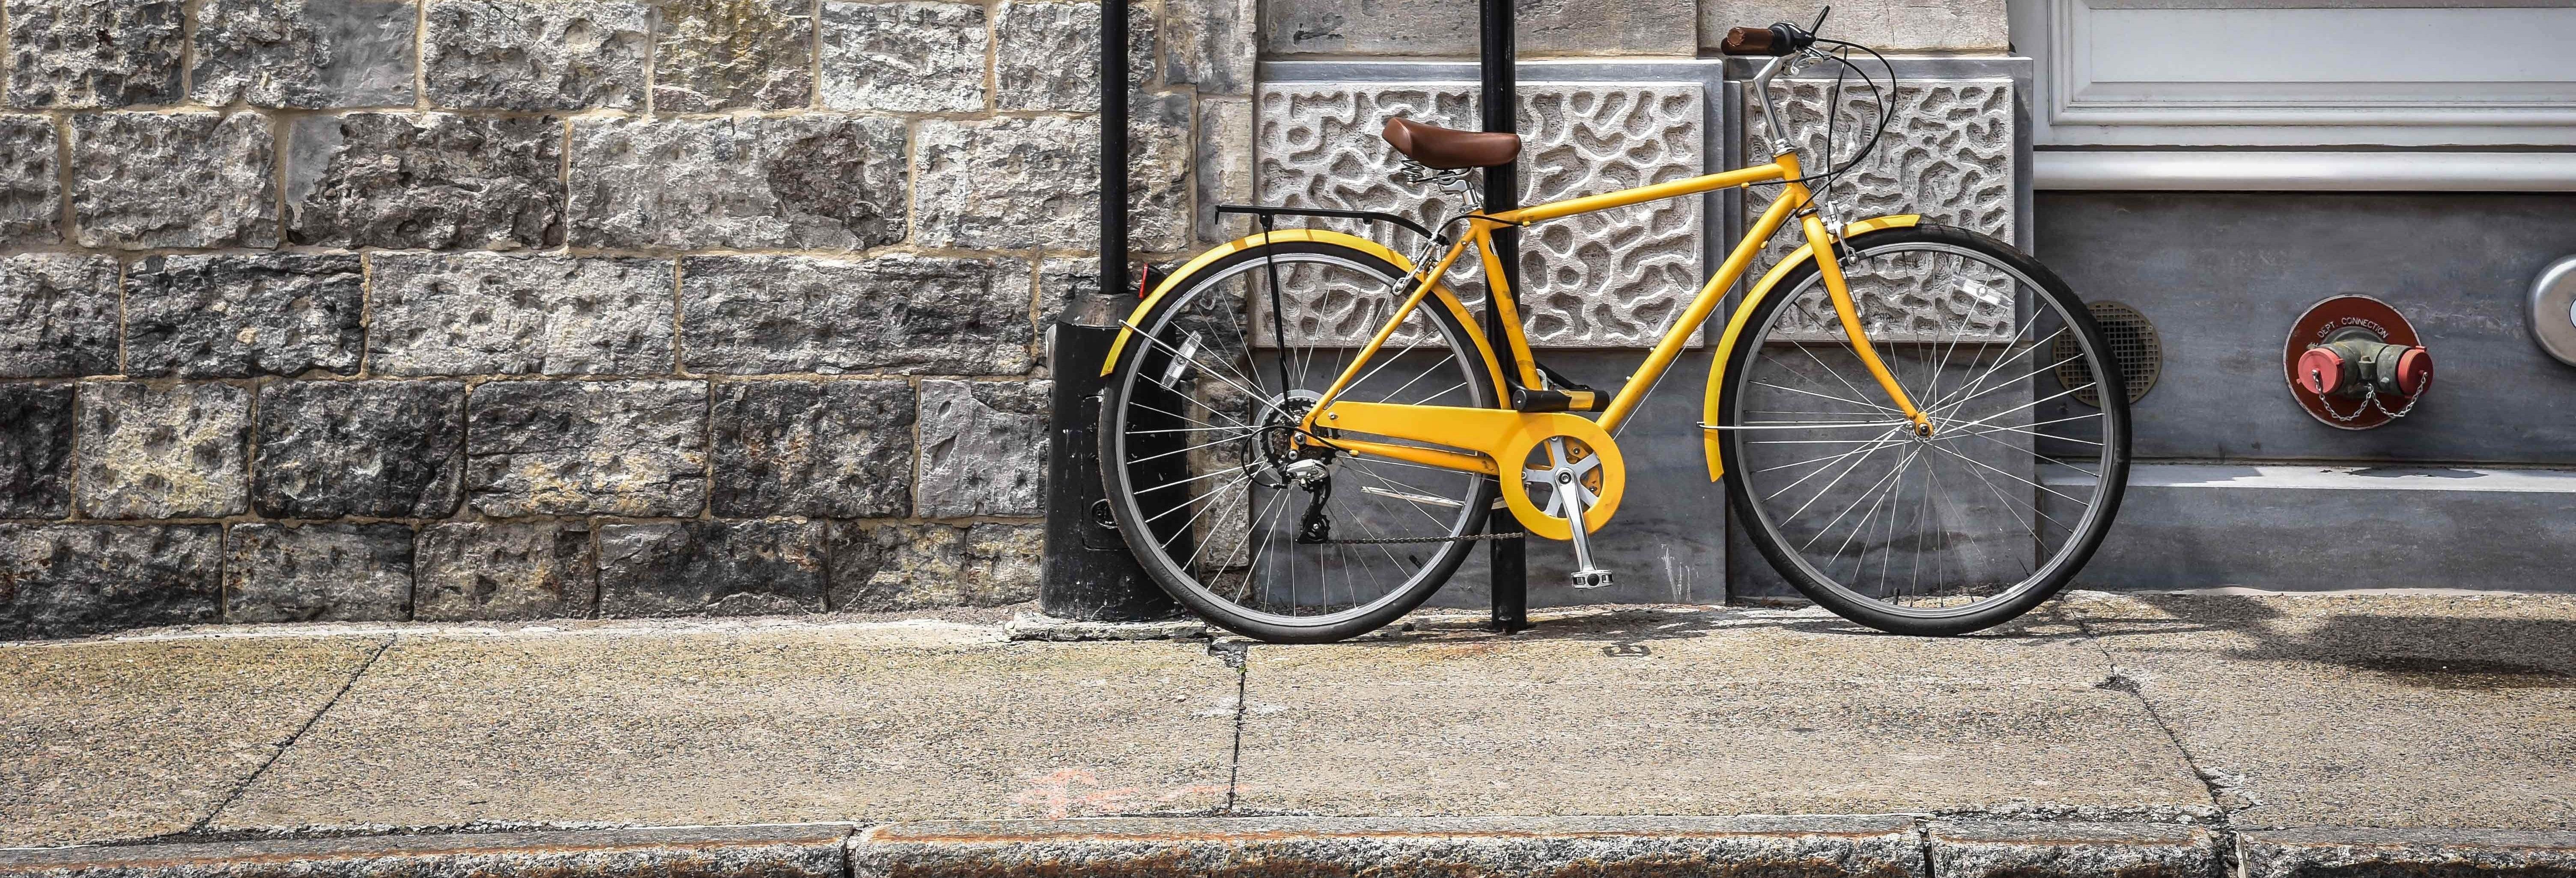 Alquiler de bicicleta en Montreal